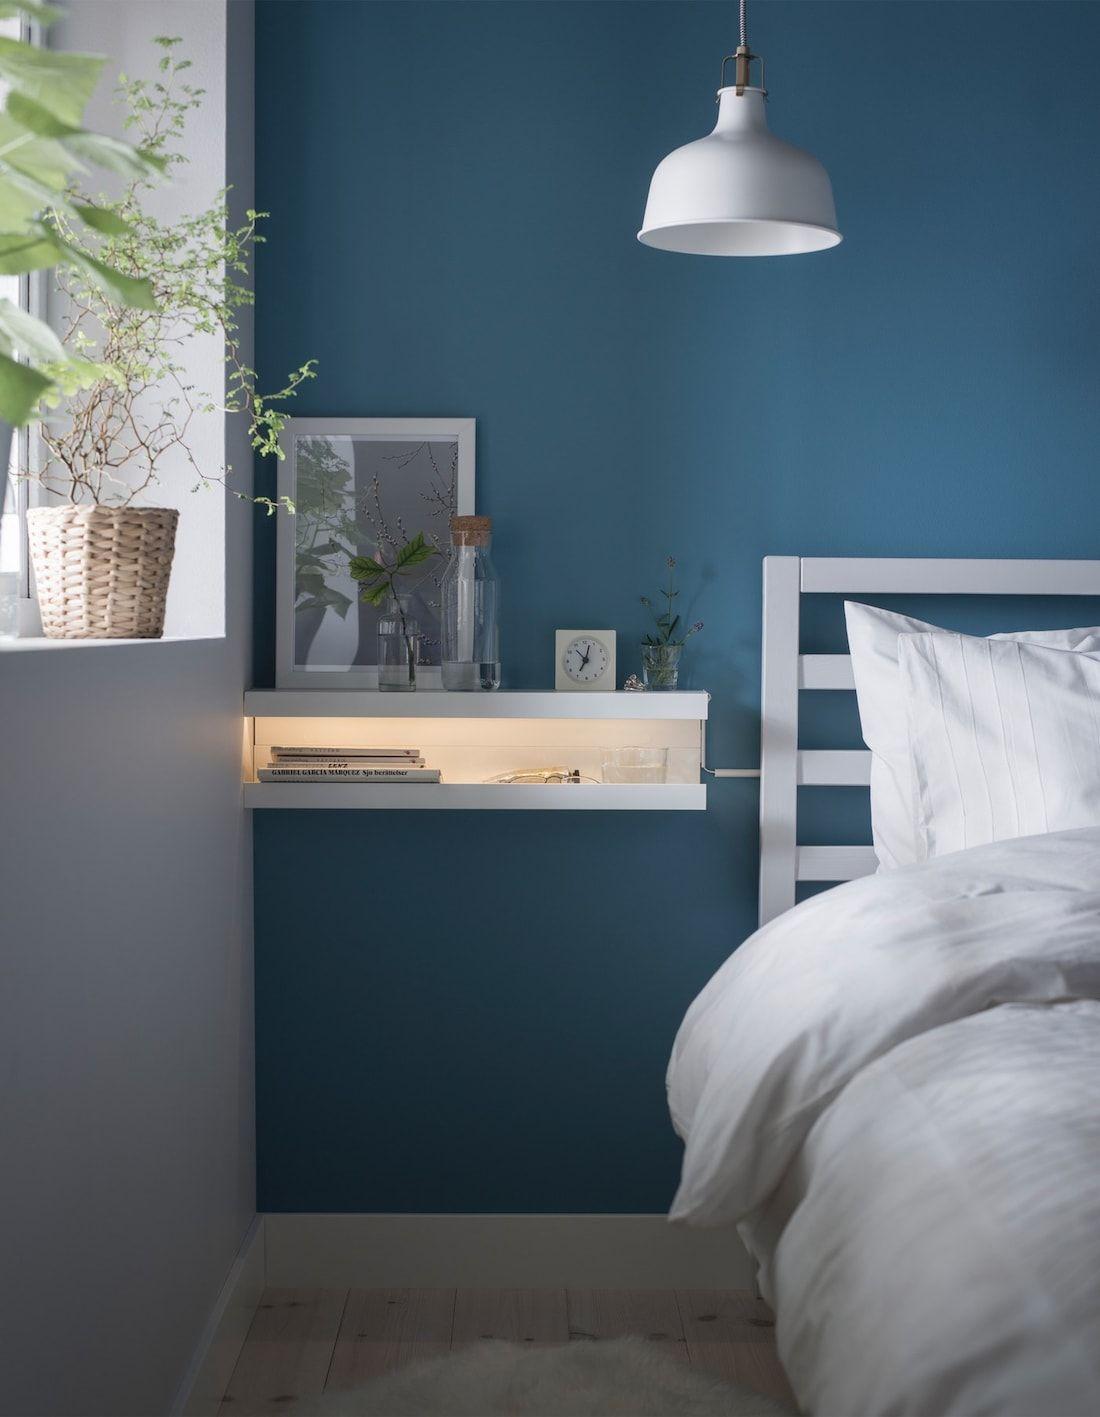 Picture Ledge Hacks In 2020 Ideeen Voor Thuisdecoratie Meubel Ideeen Nachtkastje